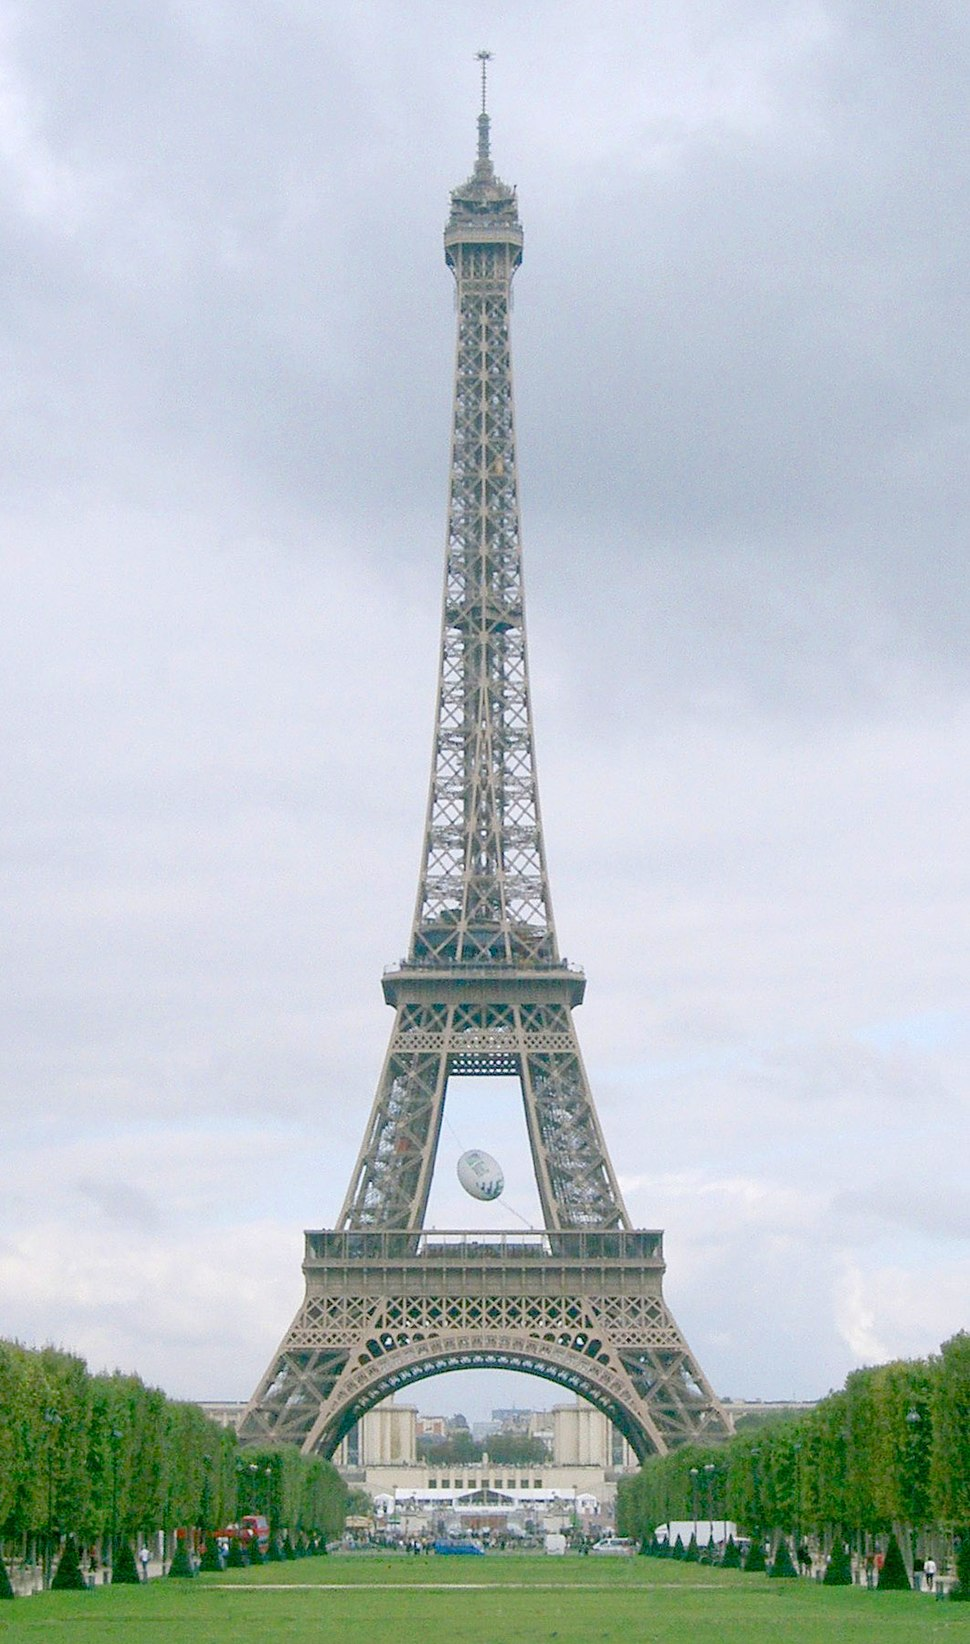 Coupe du monde rugby - tour Eiffel